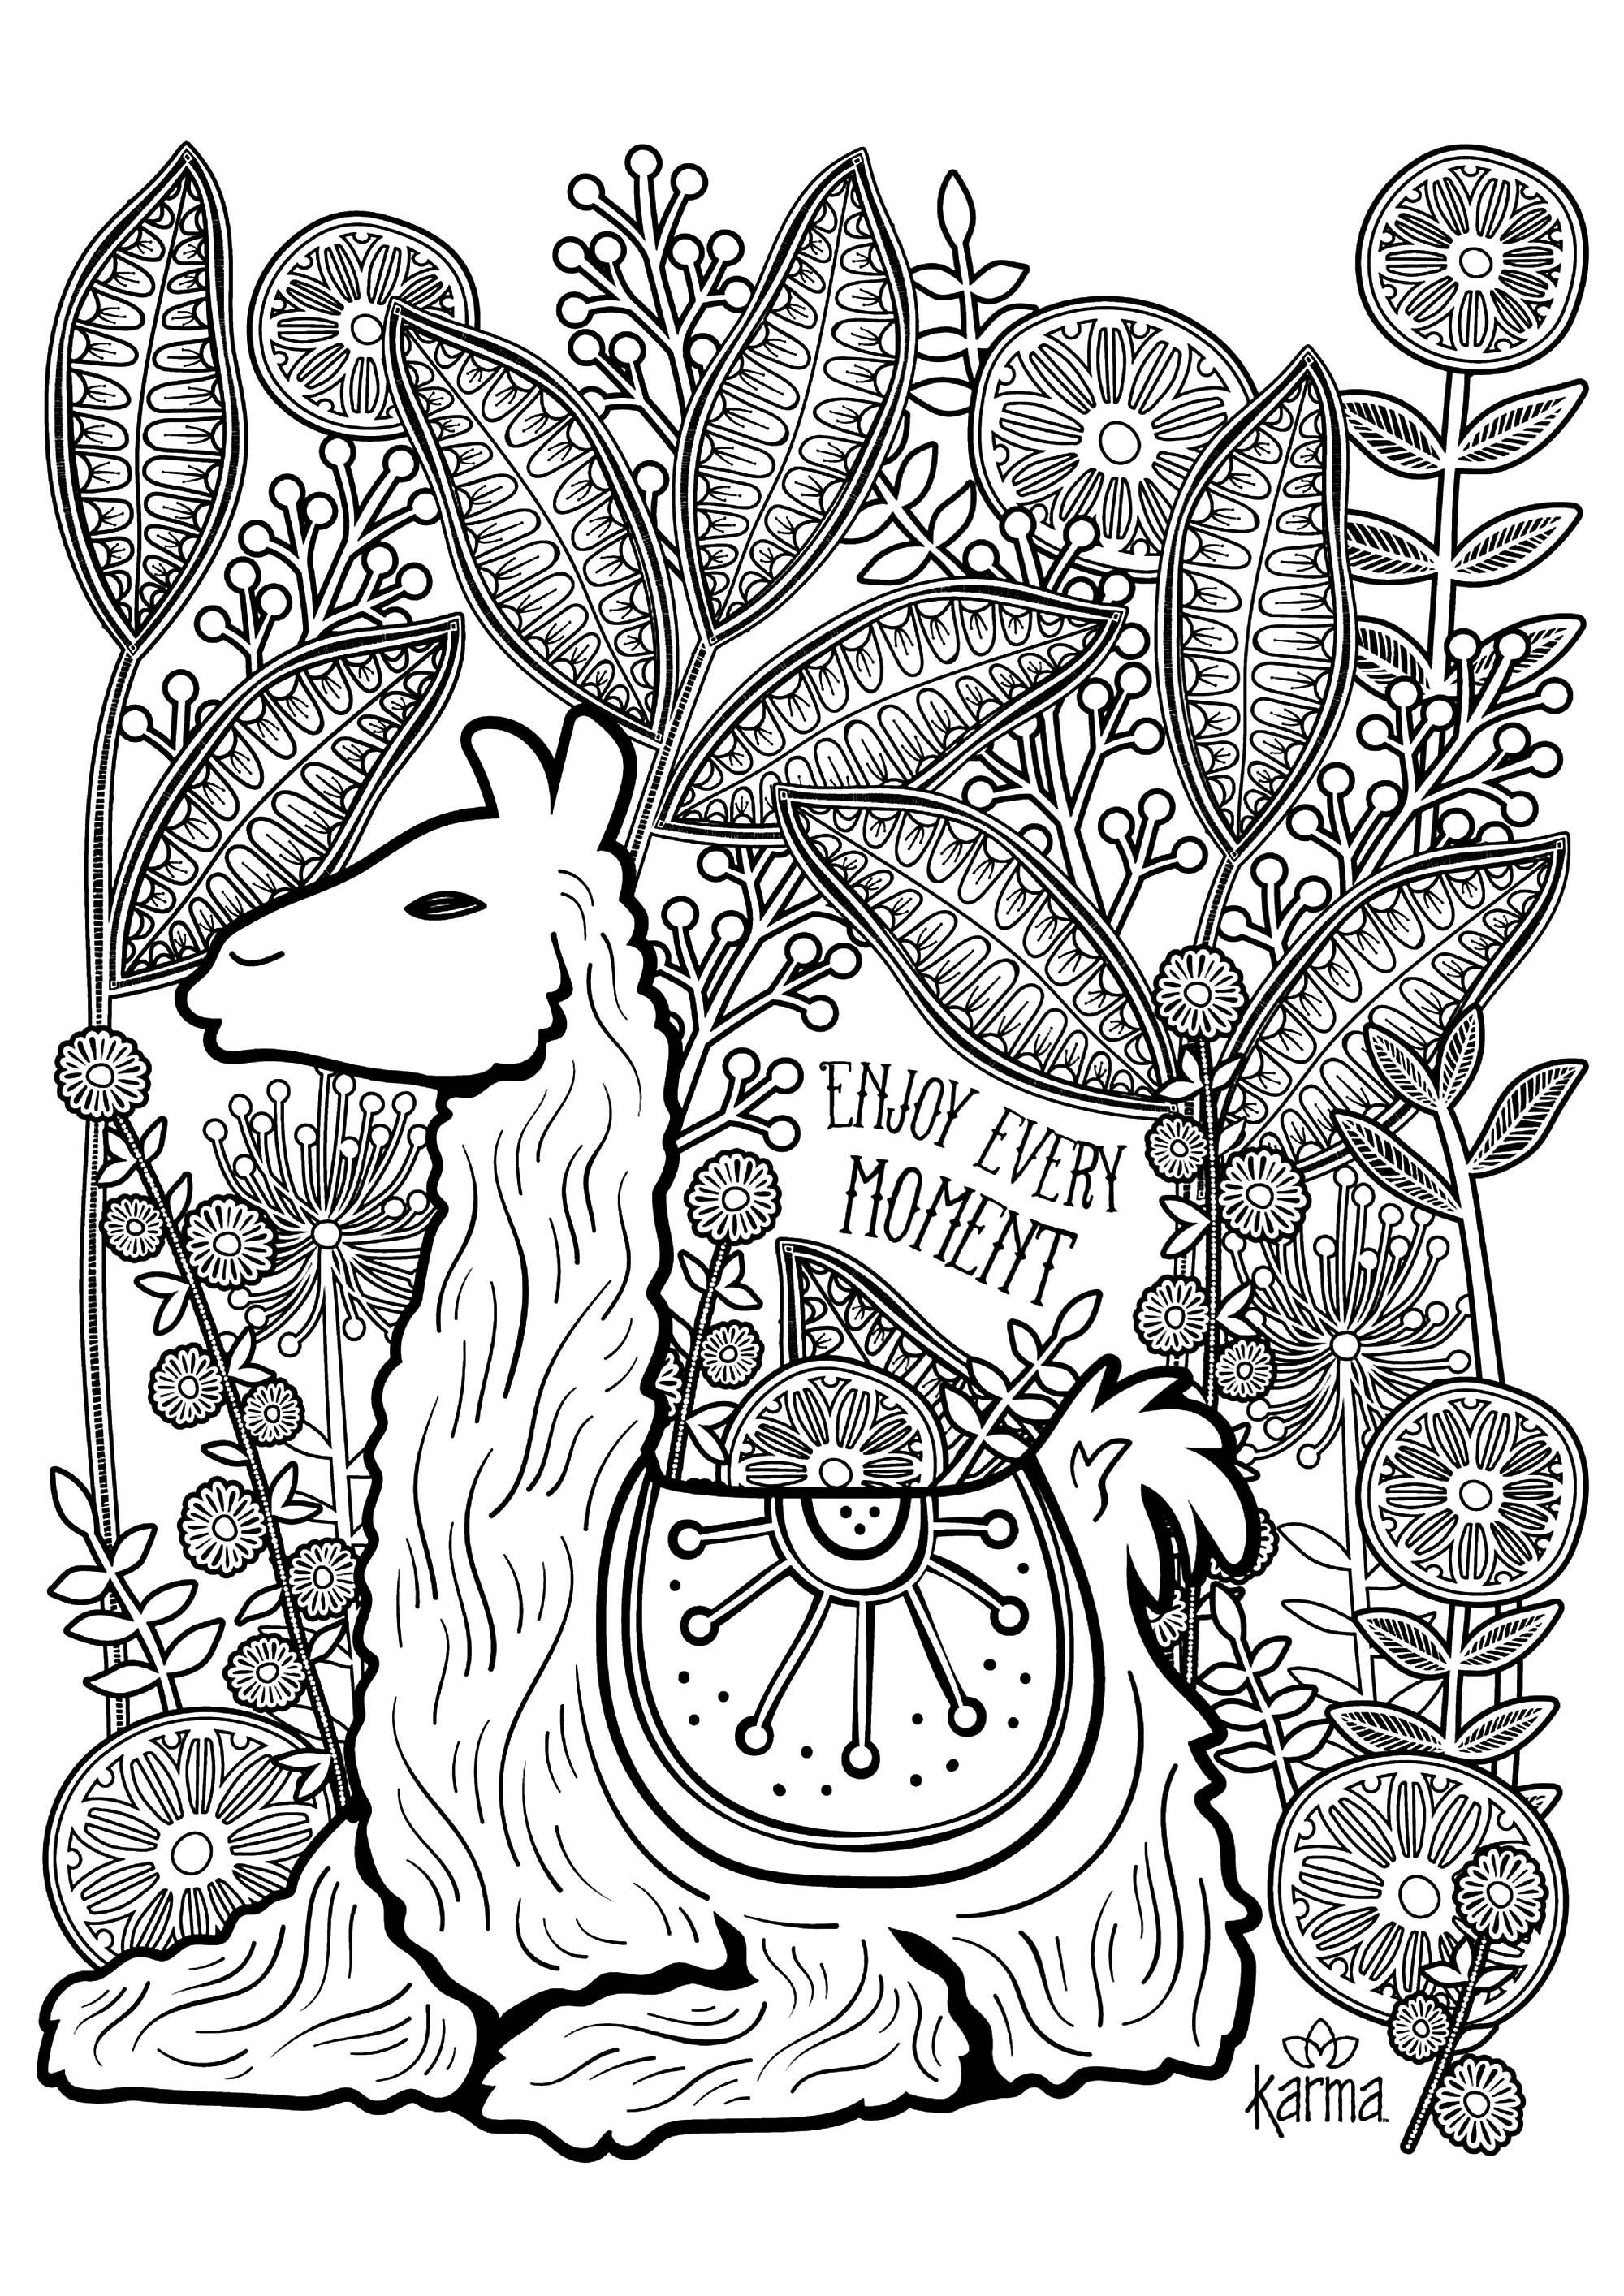 Joli lama à colorier avec le texte 'Enjoy every moment'